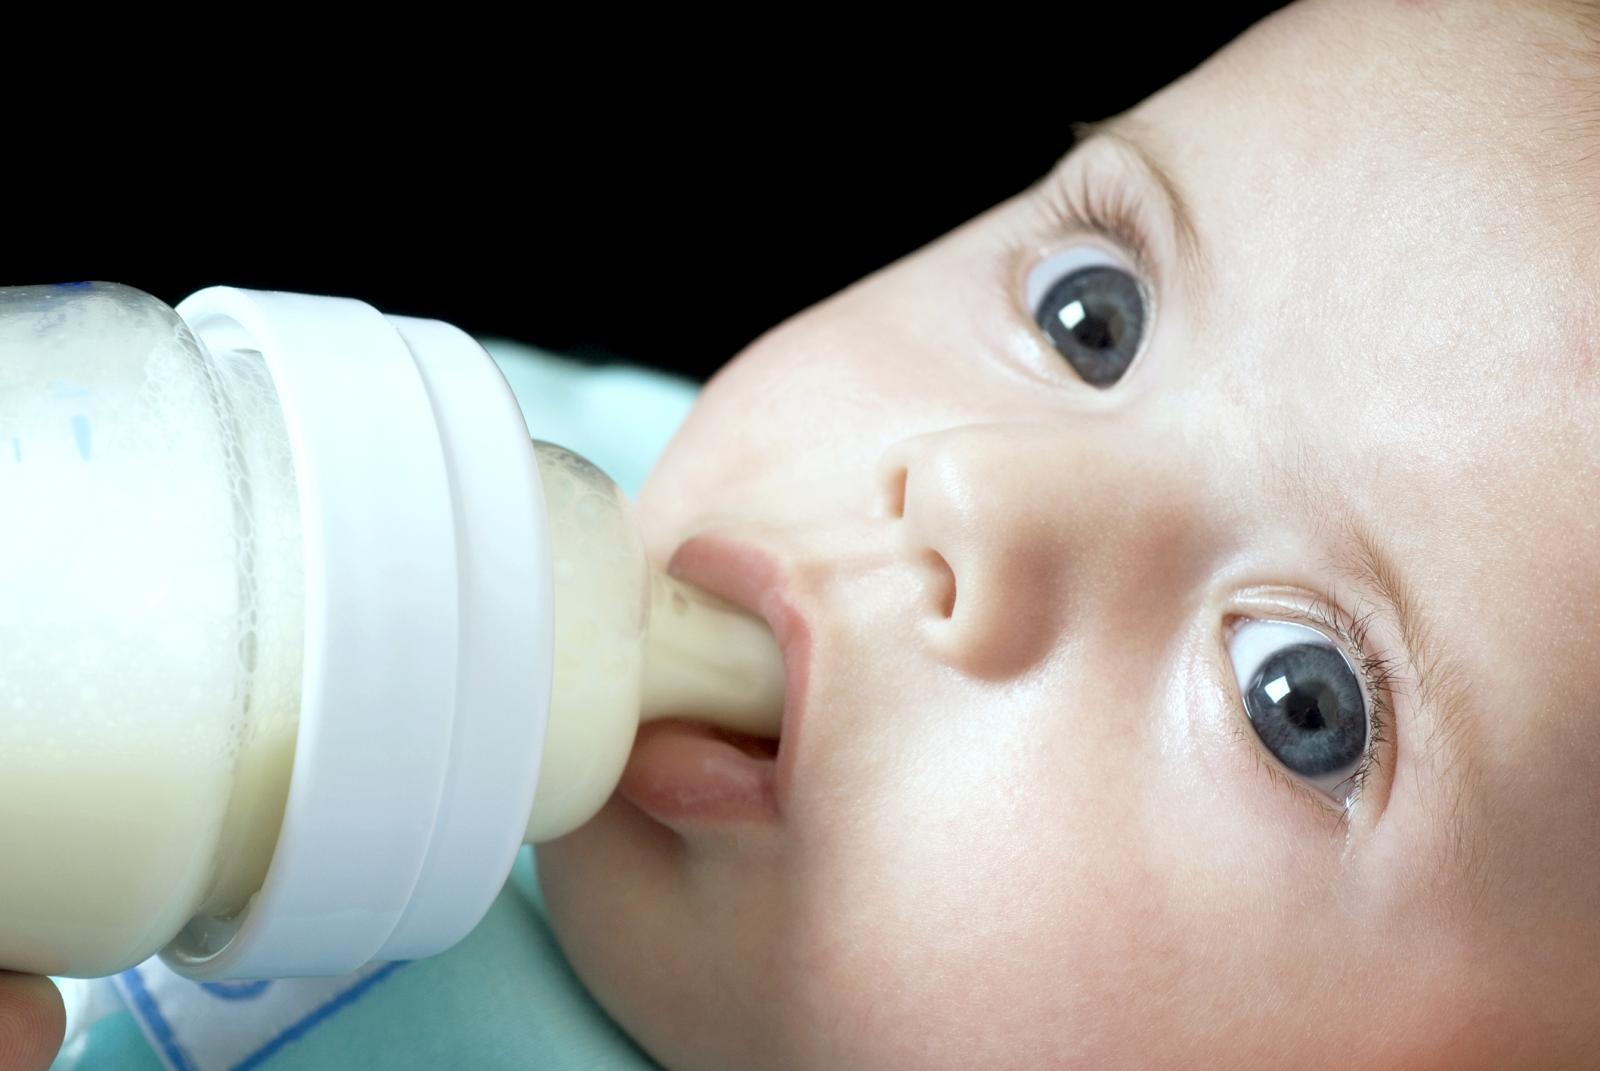 Bebé bebiendo del biberón